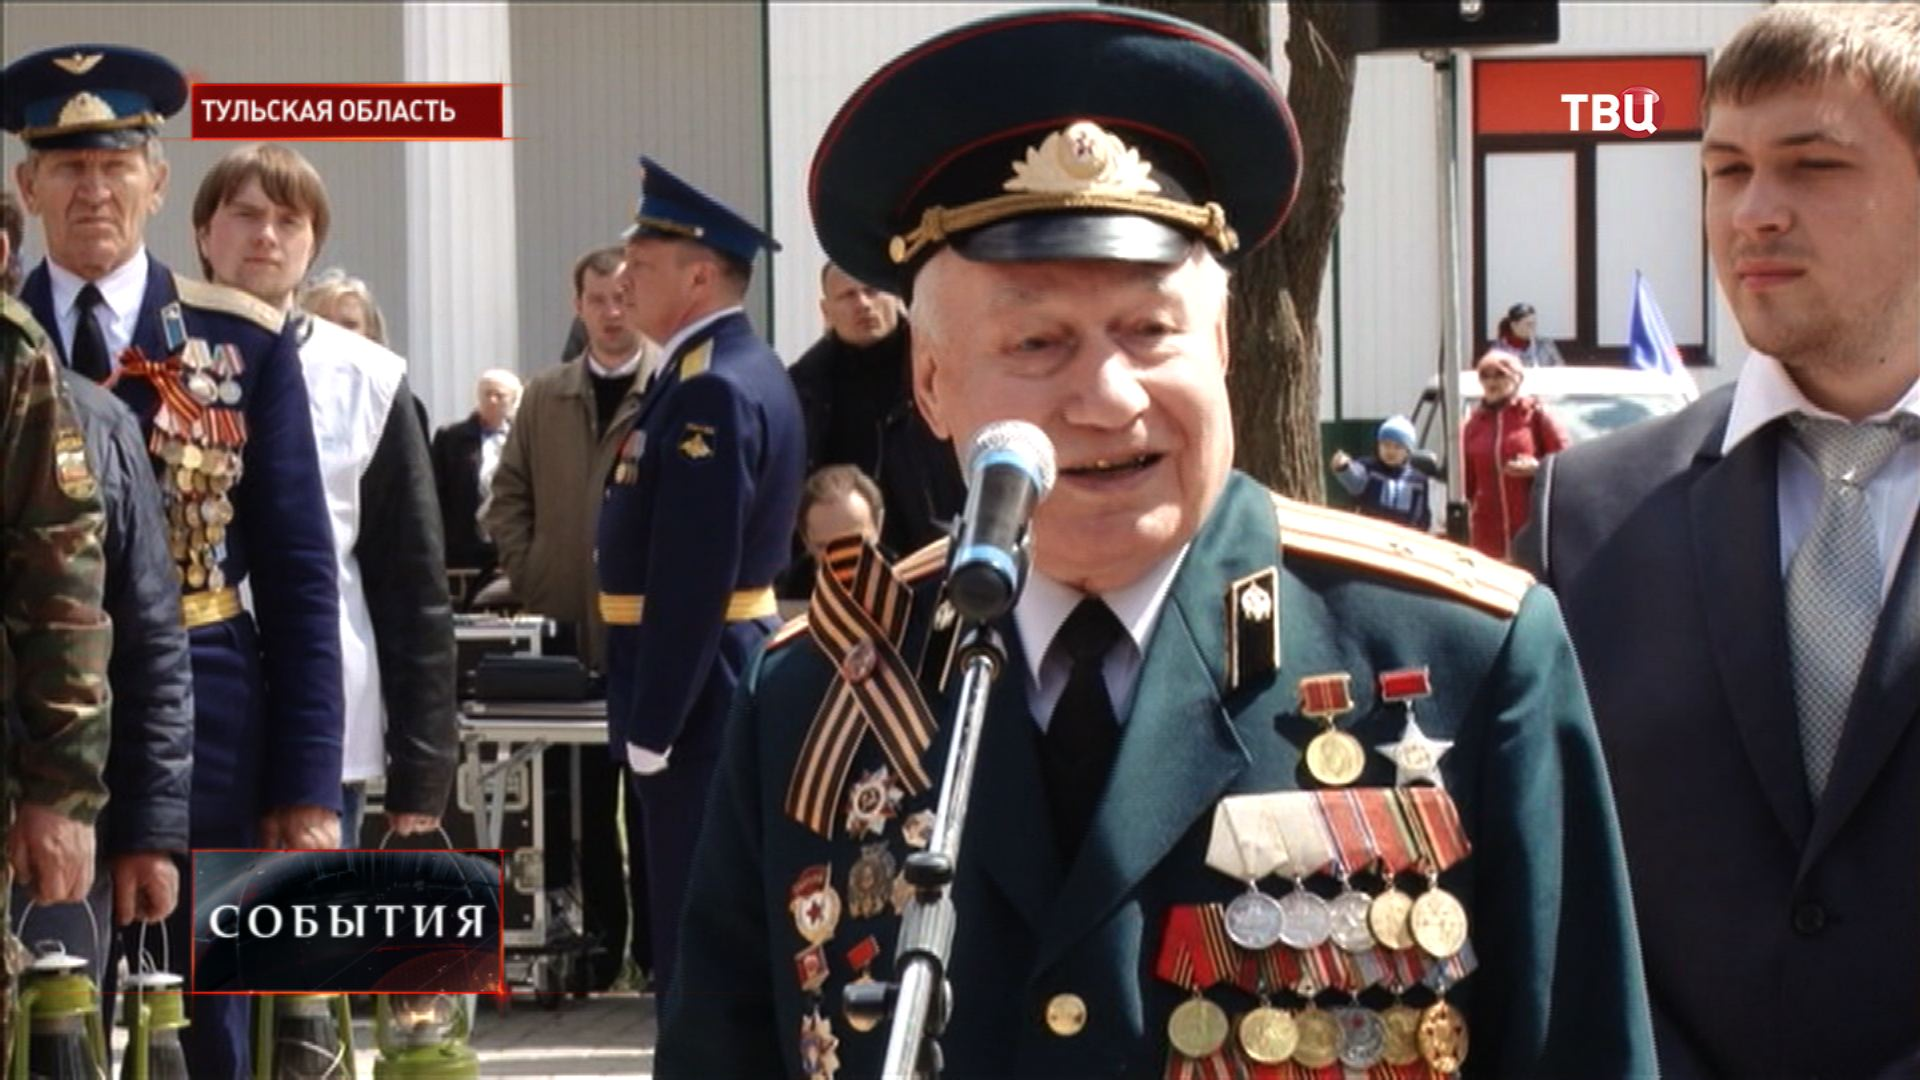 Ветеран Великой Отечественной войны Александр Сахаров